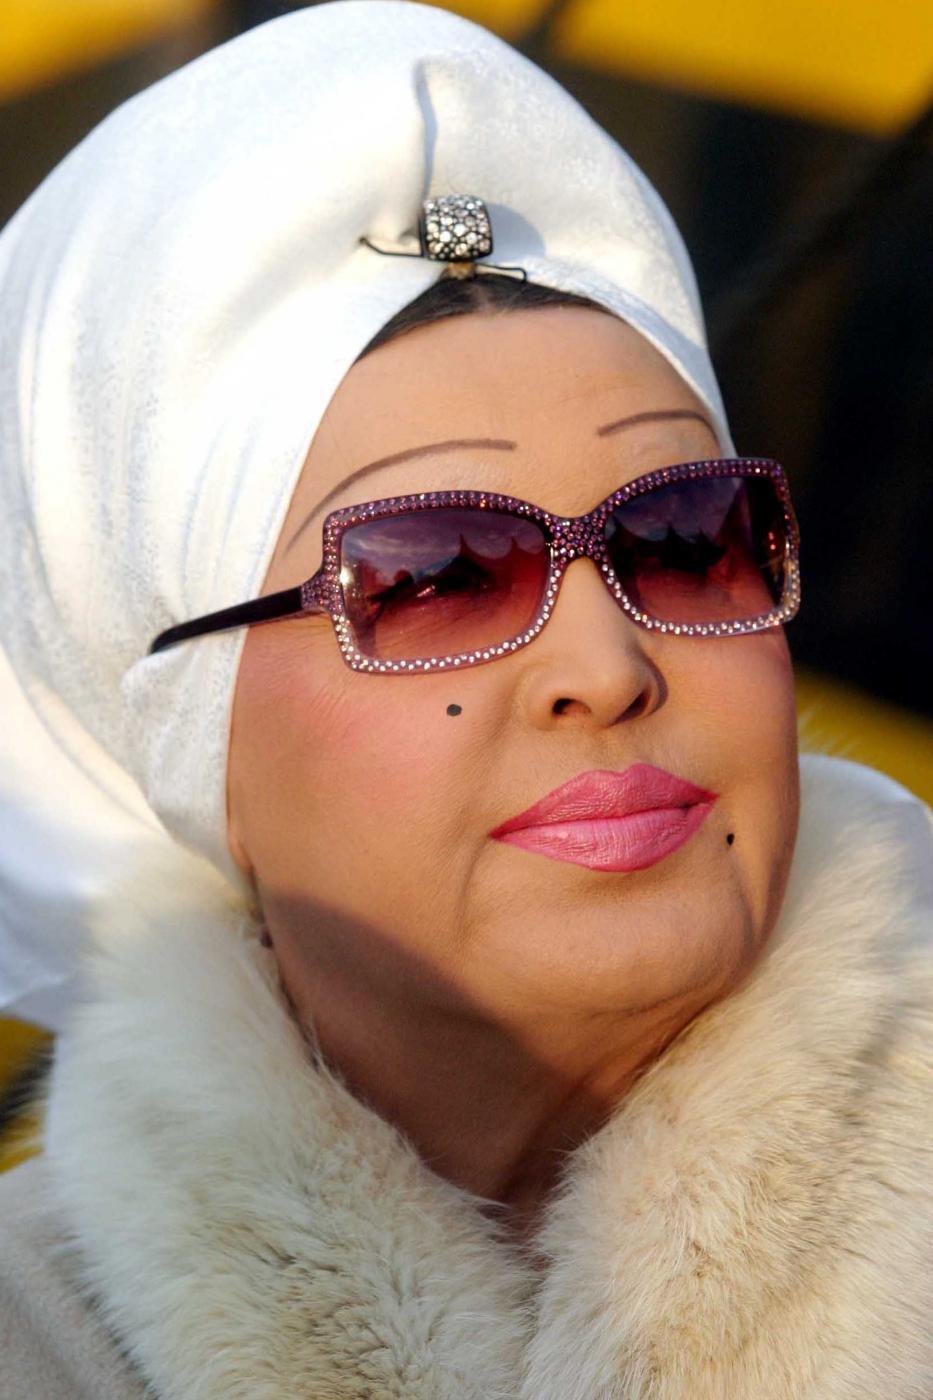 La regina dei preliminari 412416